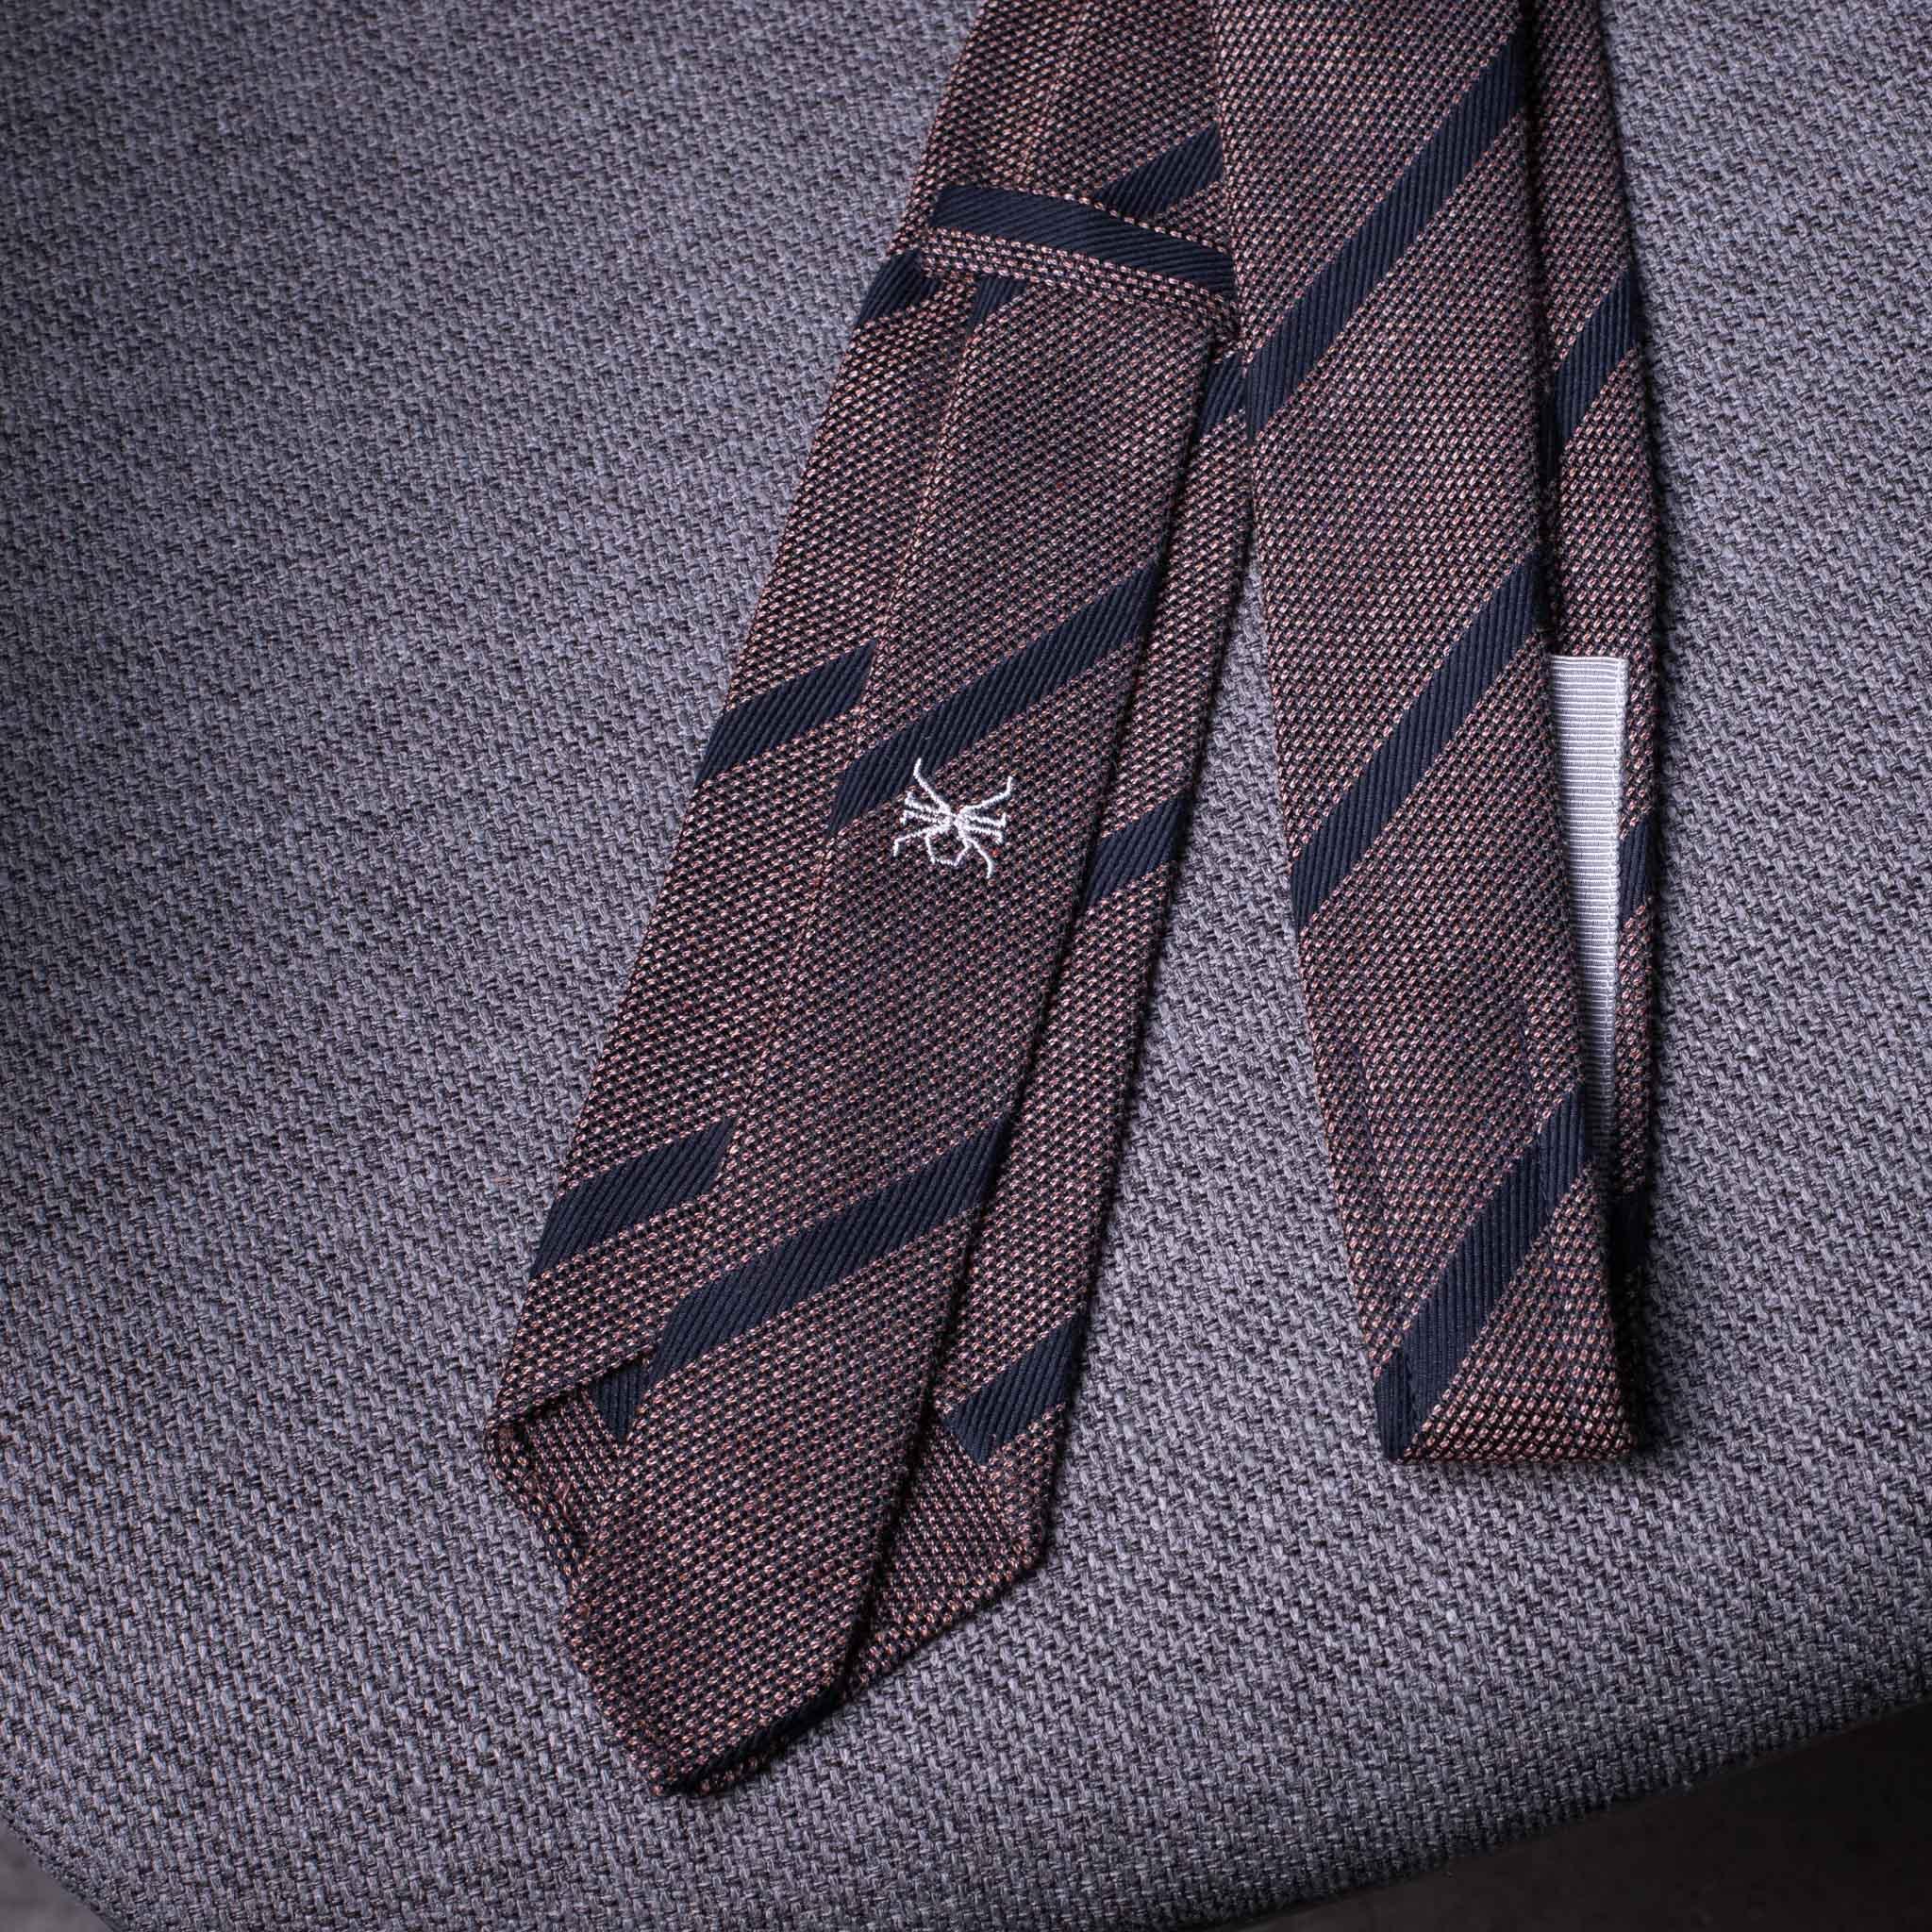 WOOL-0481-Tie-Initials-Corbata-Iniciales-The-Seelk-2